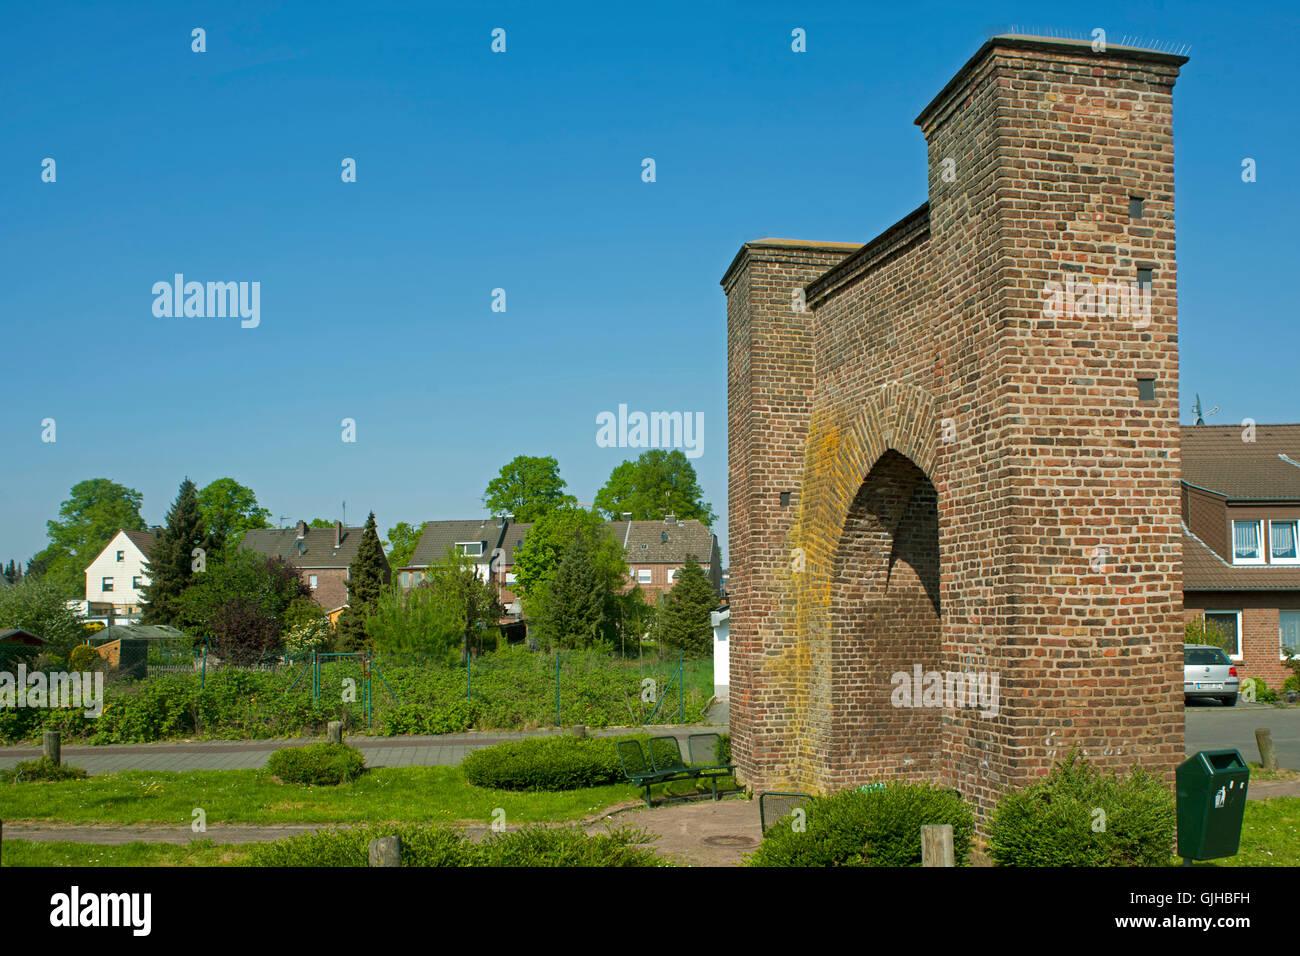 Deutschland, Nordrhein-Westfalen, Rhein-Erft-Kreis, Kerpen-Brüggen, gotischer Torbogen der ehemaligen Burg - Stock Image